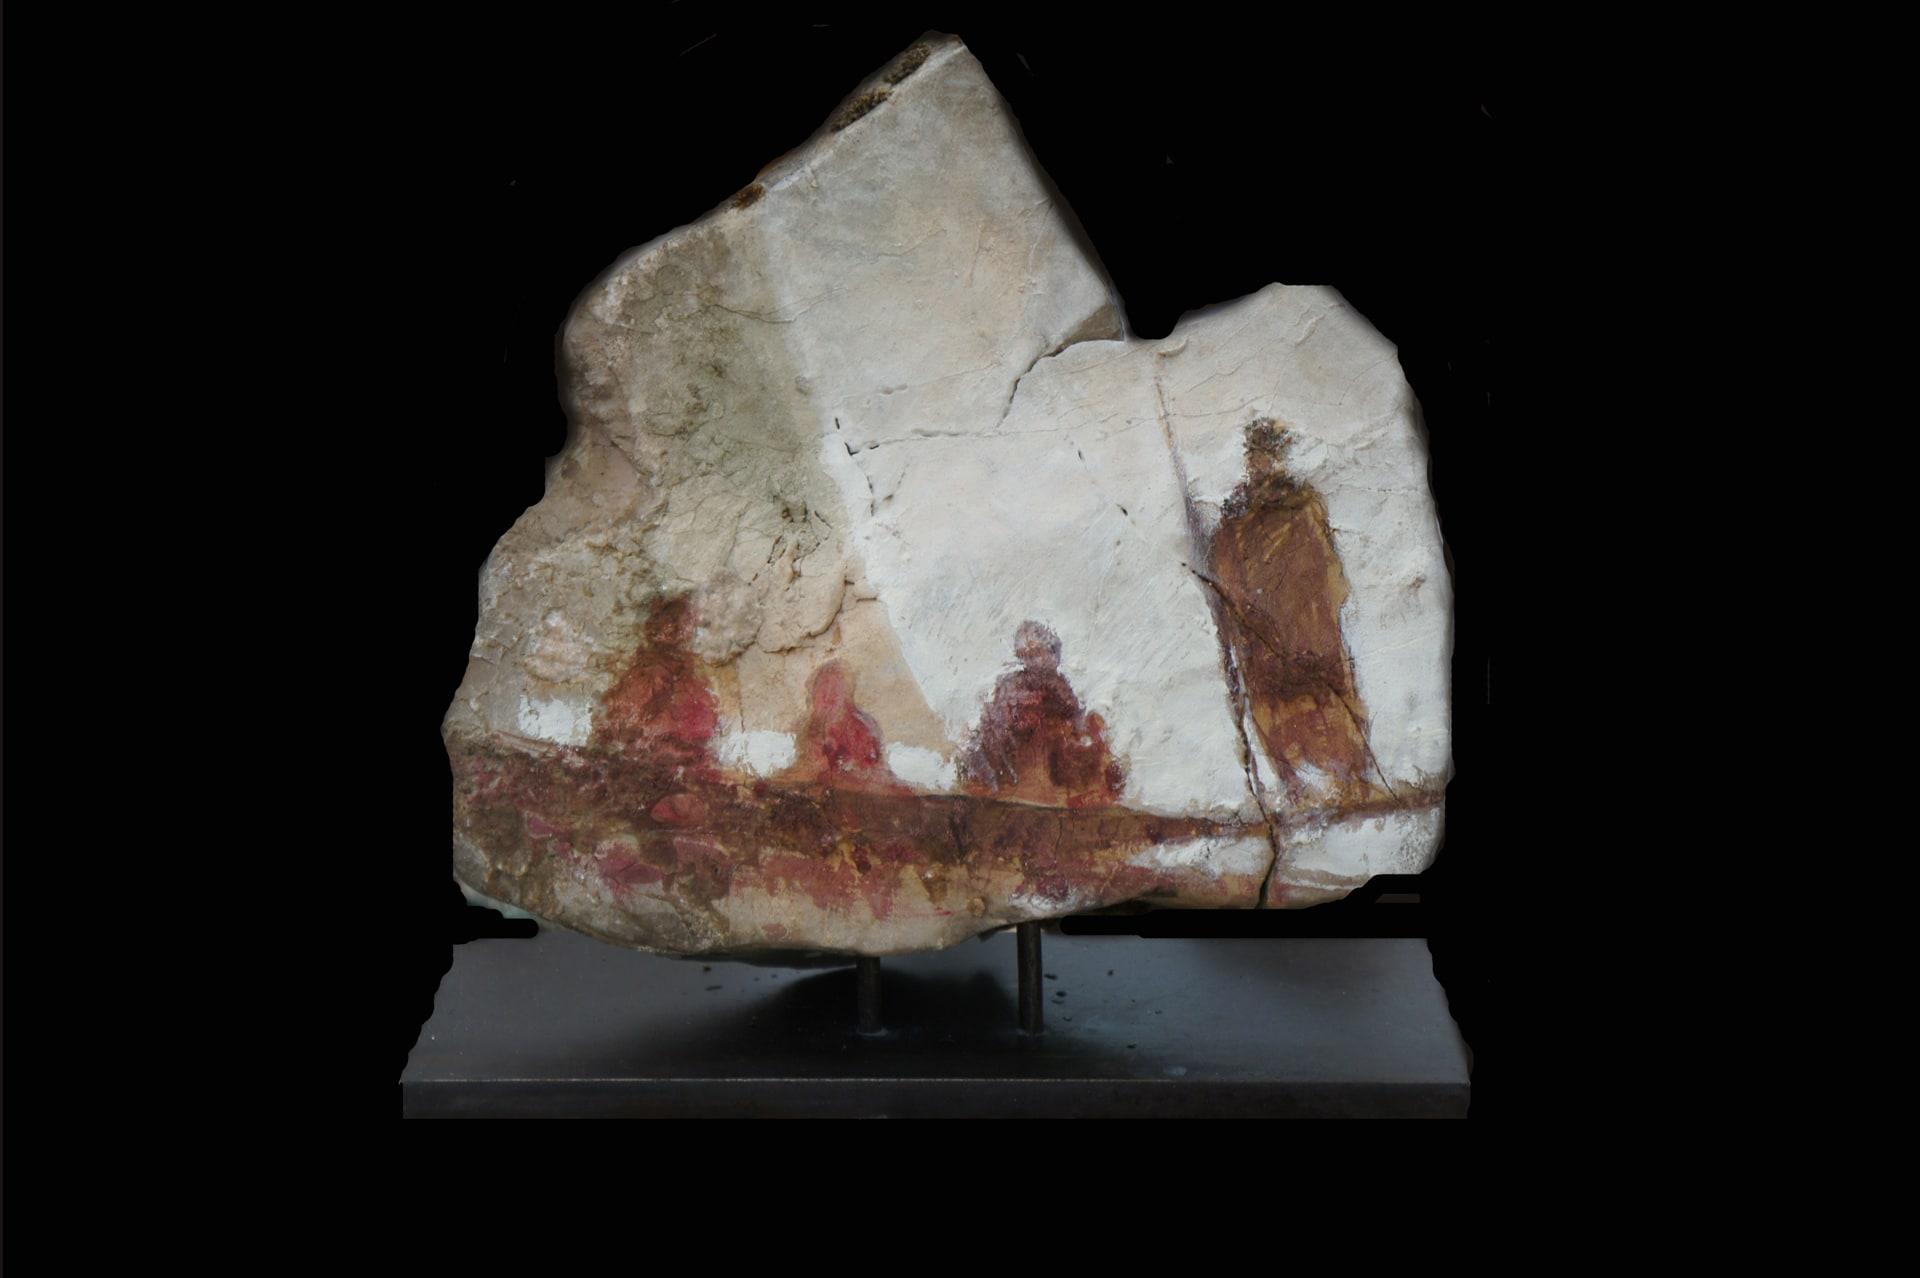 Barca II 20 x 25 x 15 cms mixta sobre piedra